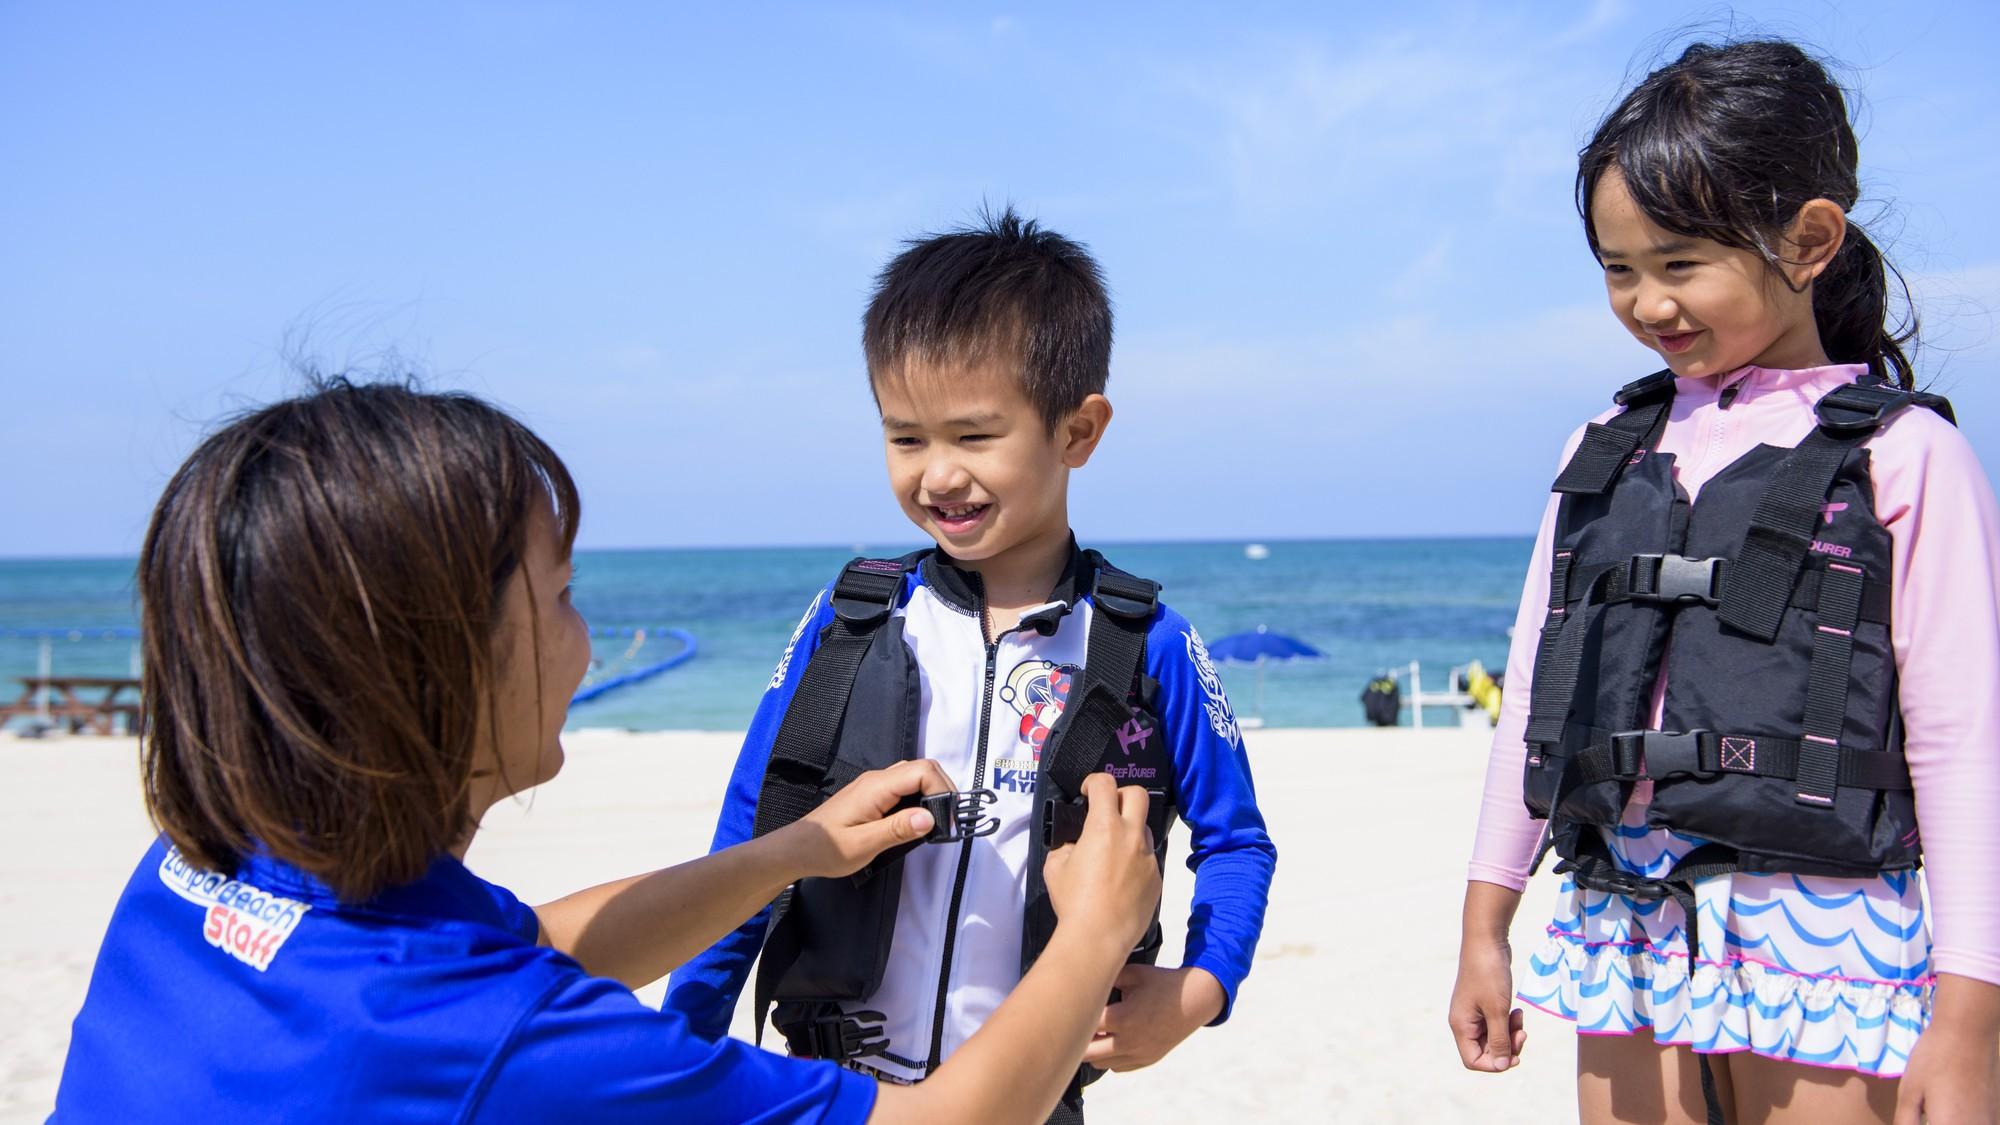 【楽パックスペシャル★家族旅行応援】お子様と一緒に沖縄!![朝食&特典付]